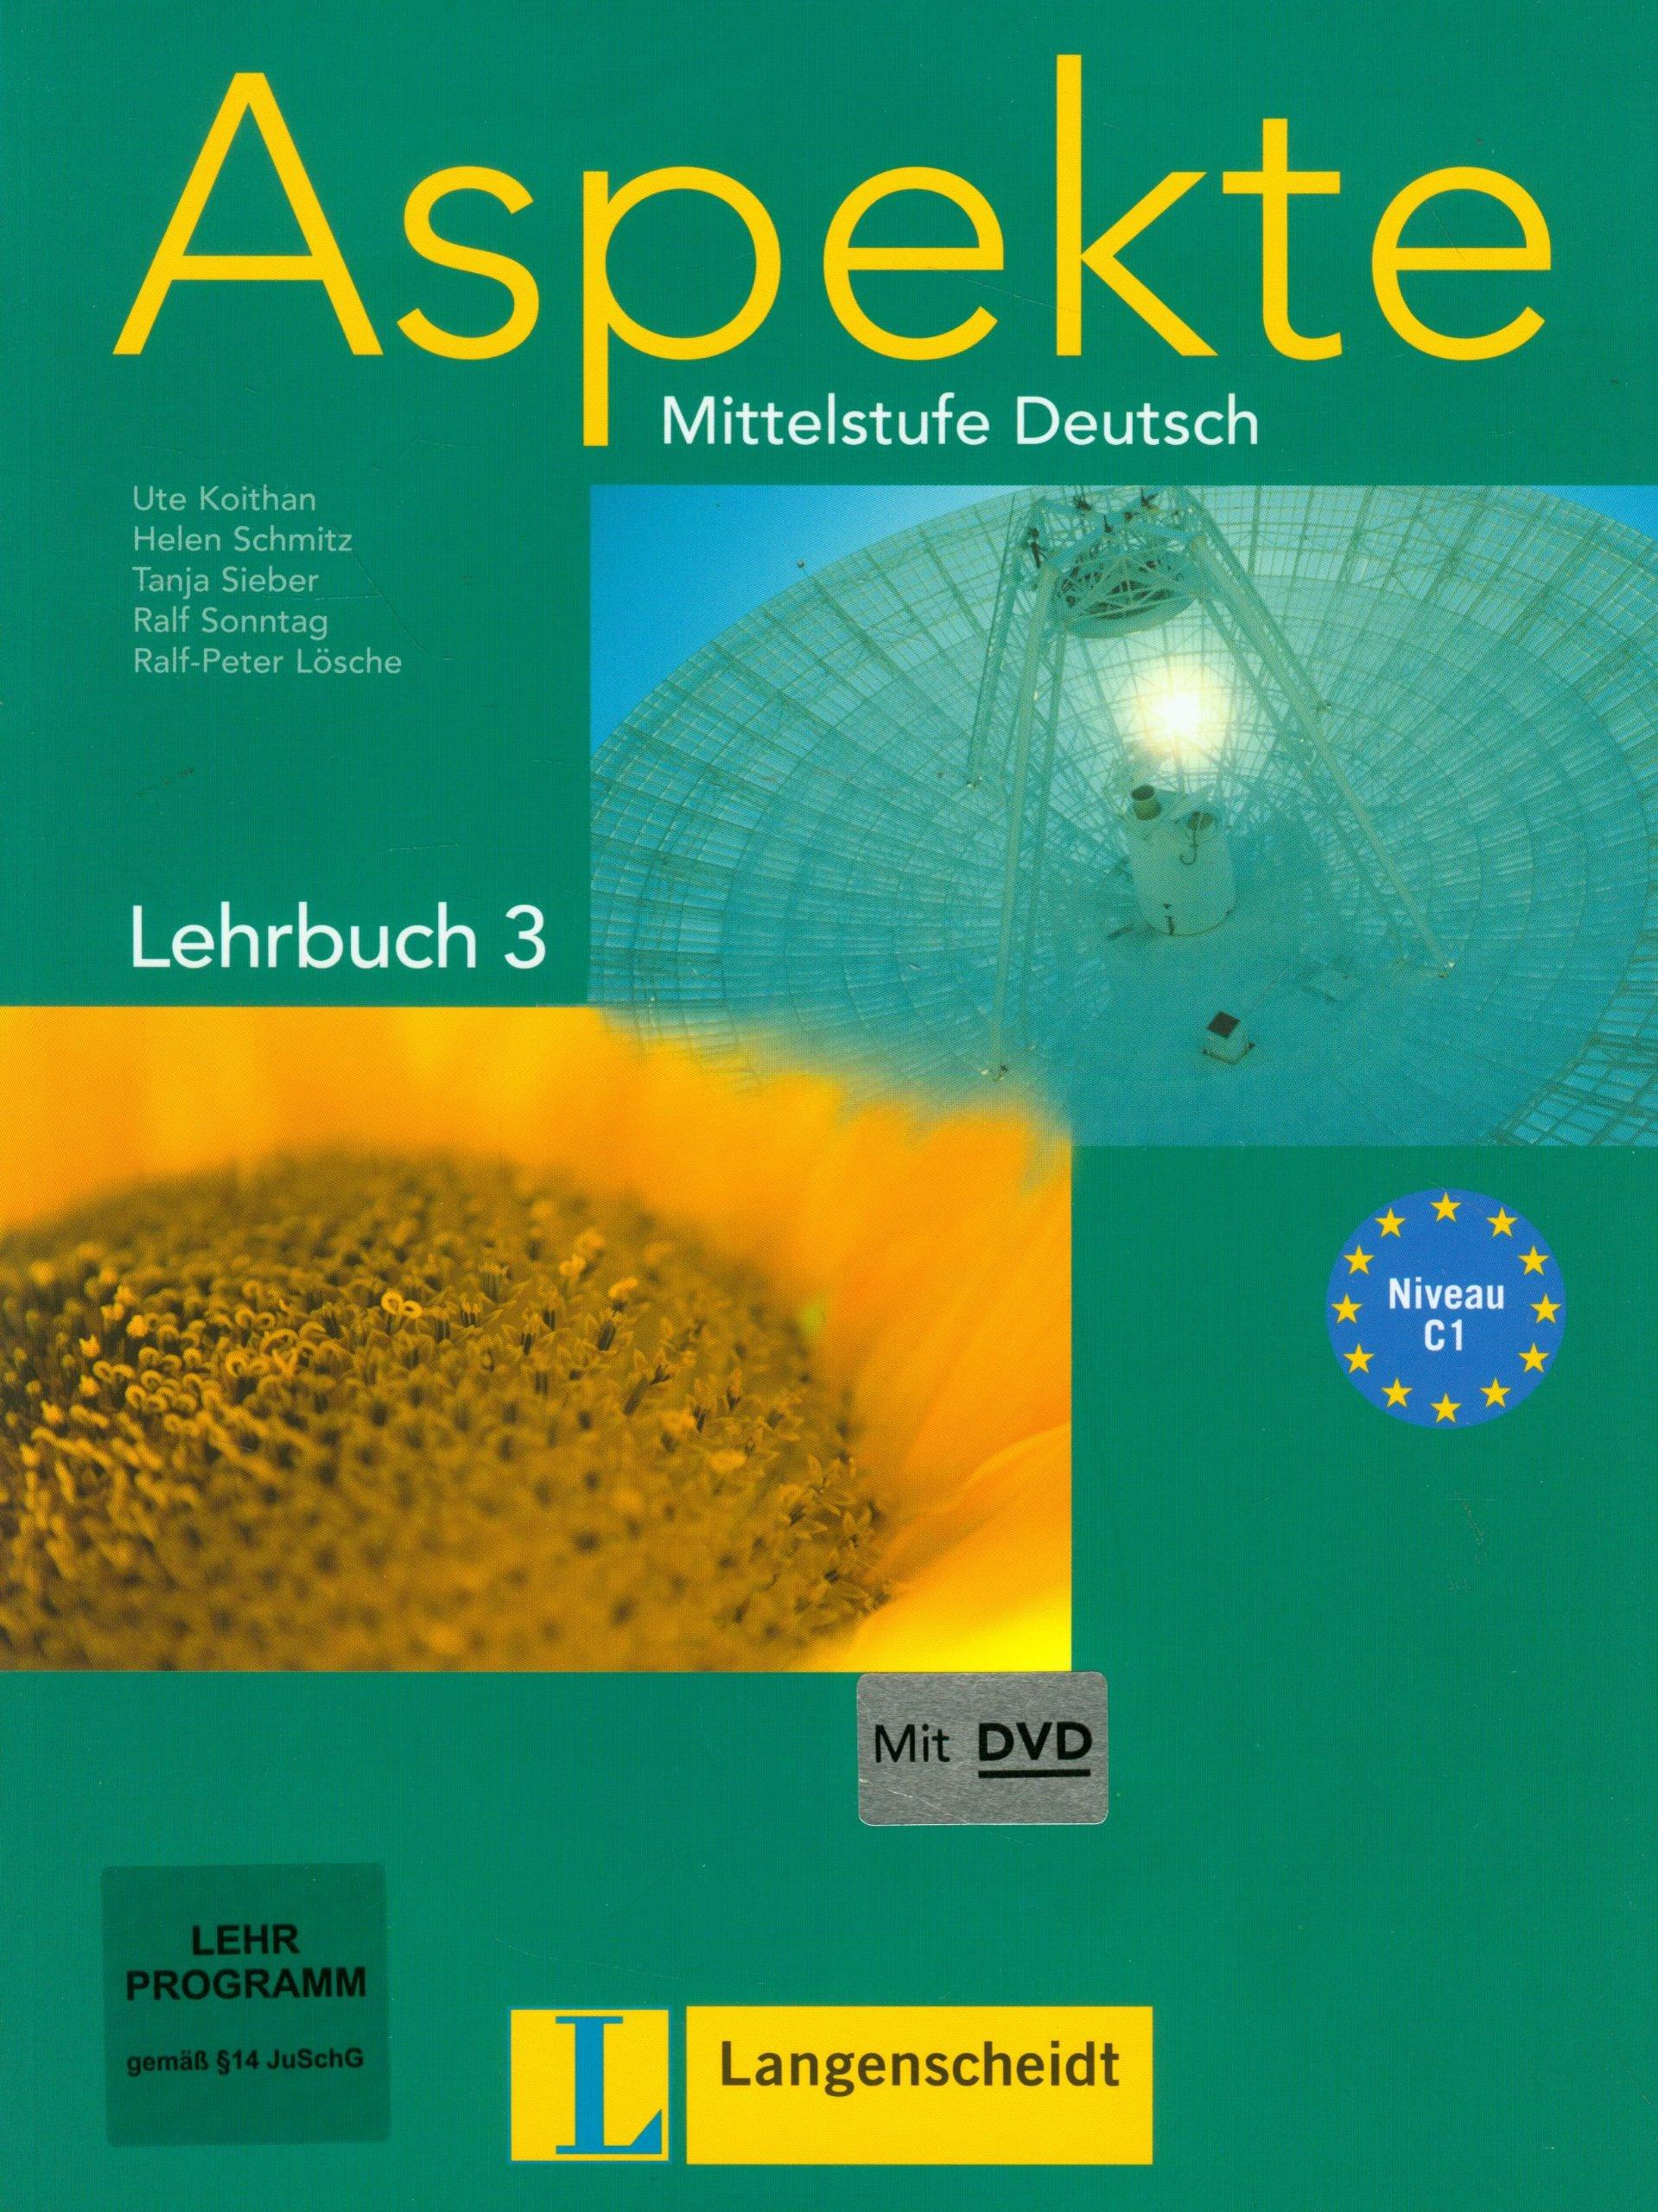 Aspekte: Lehrbuch 3 MIT DVD (German Edition) ebook